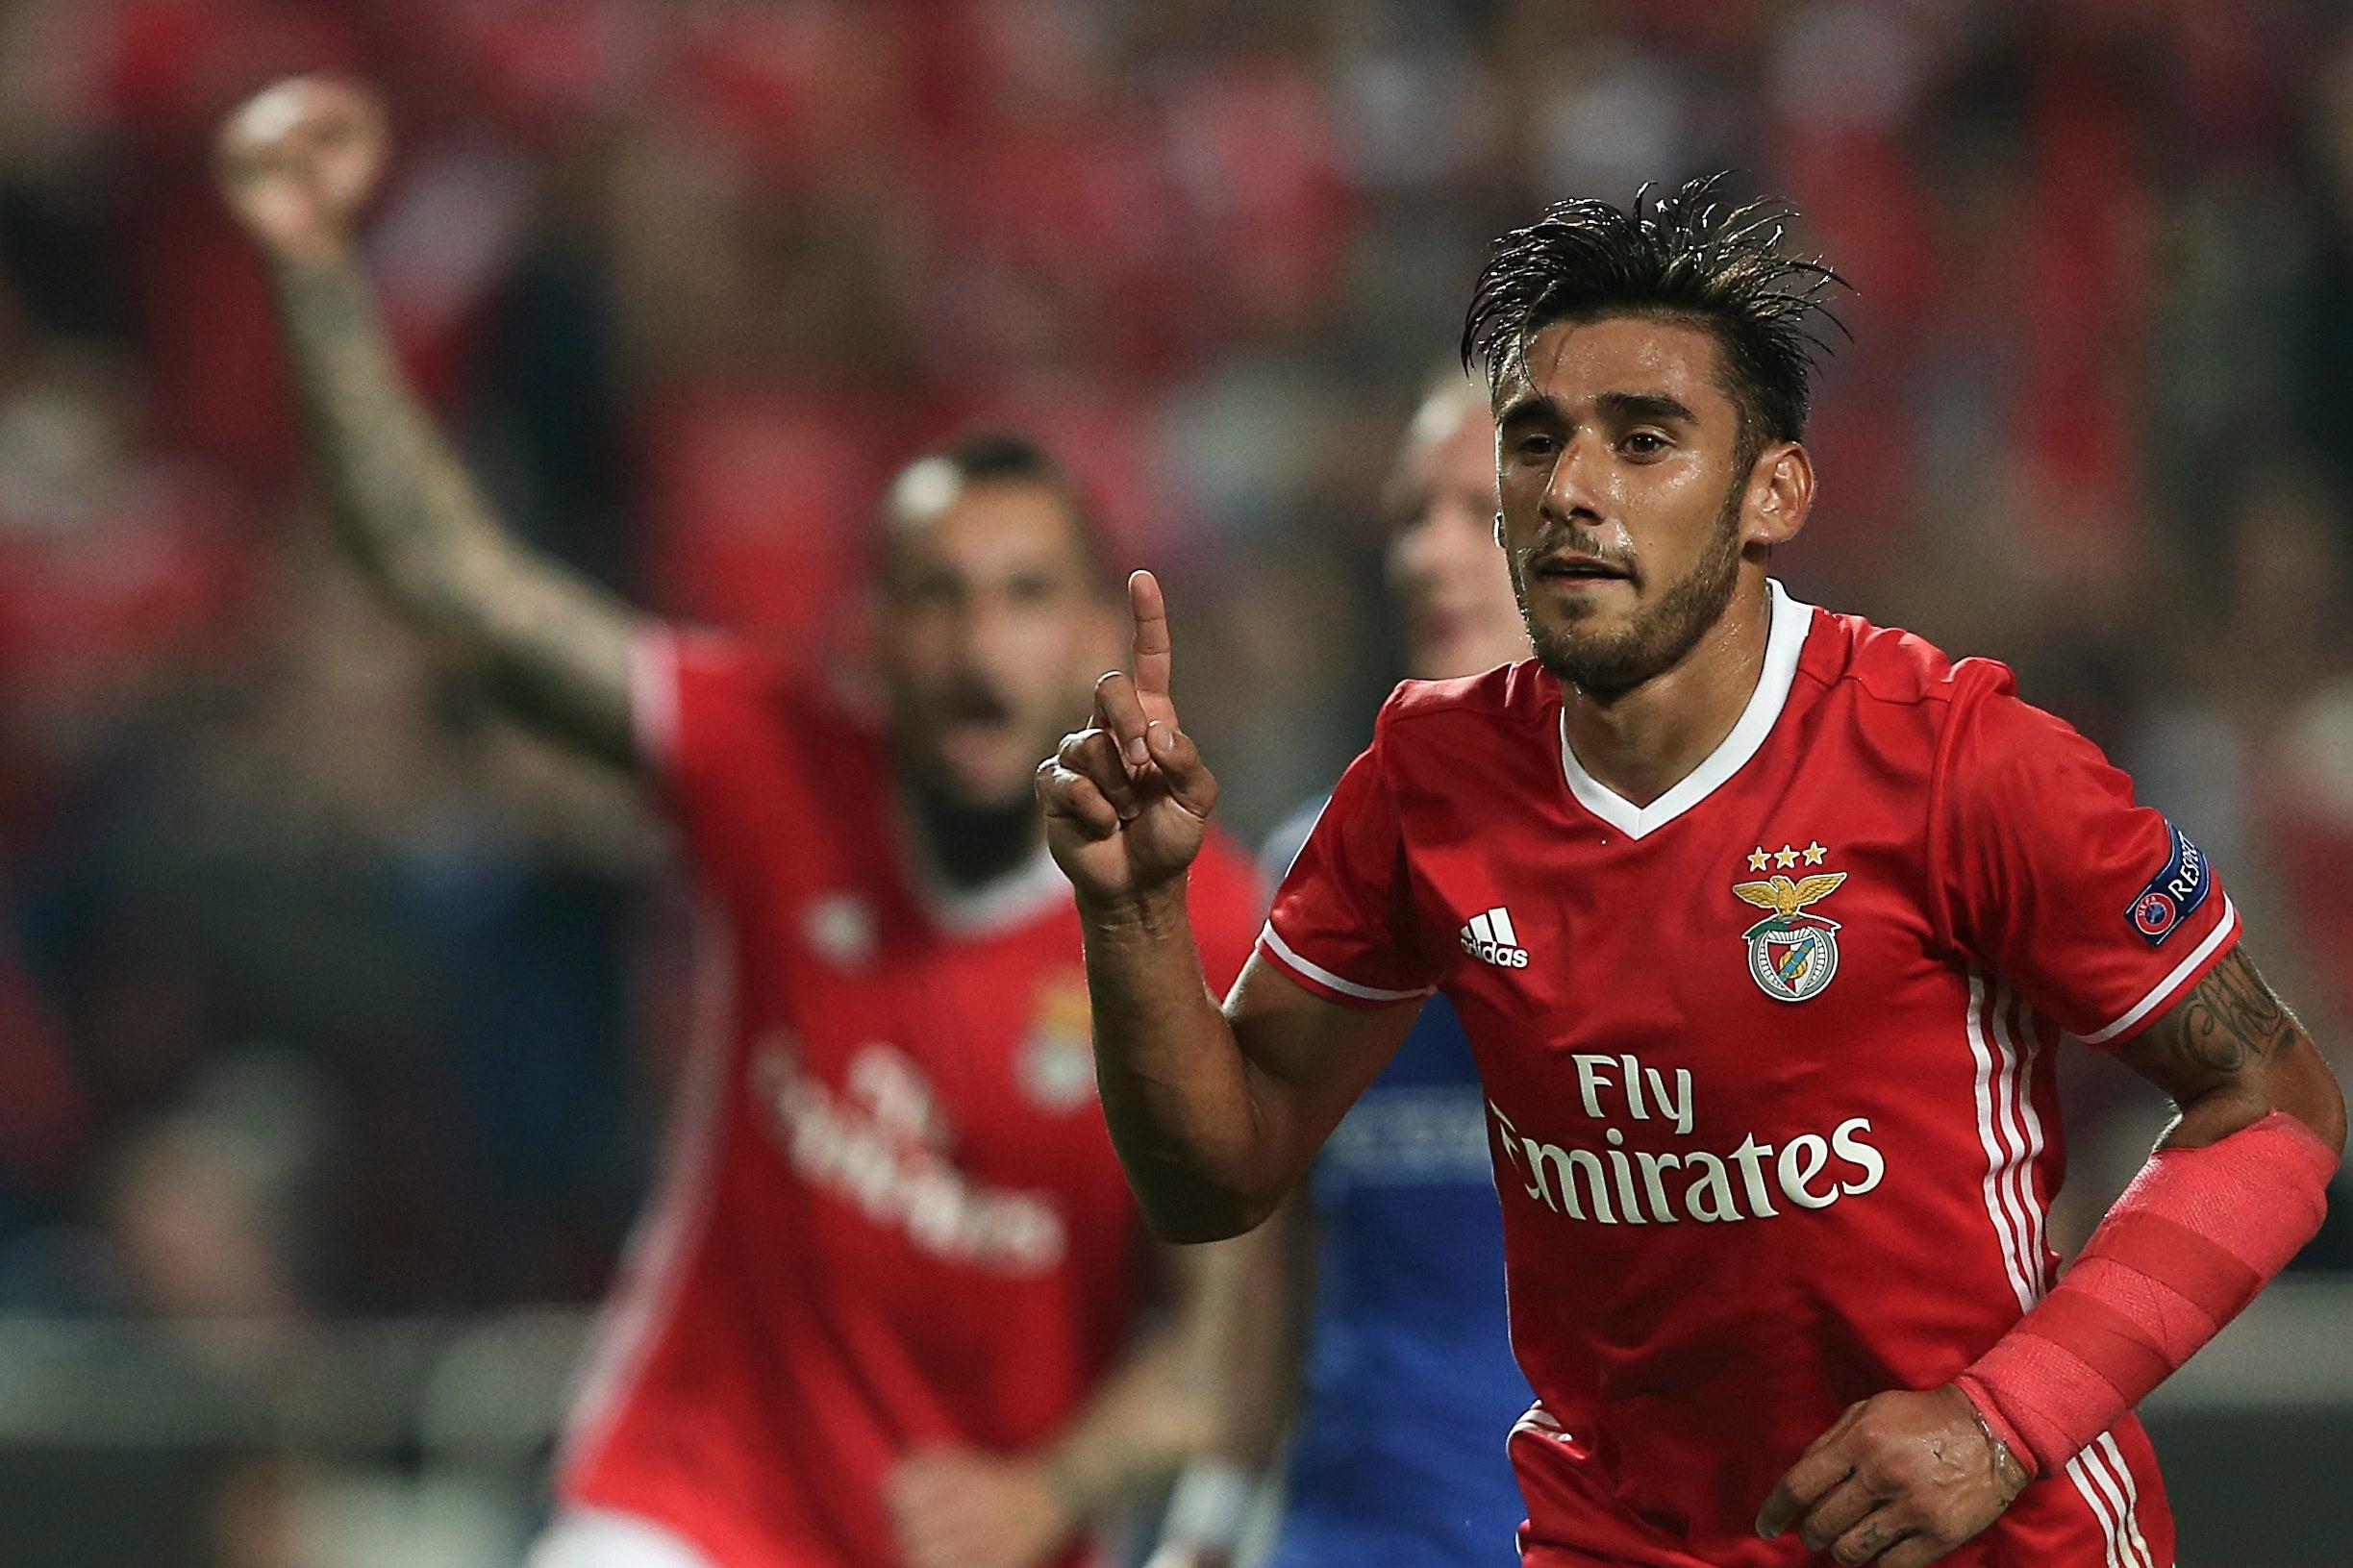 Grimaldo descarta favoritismo do Benfica em Basileia